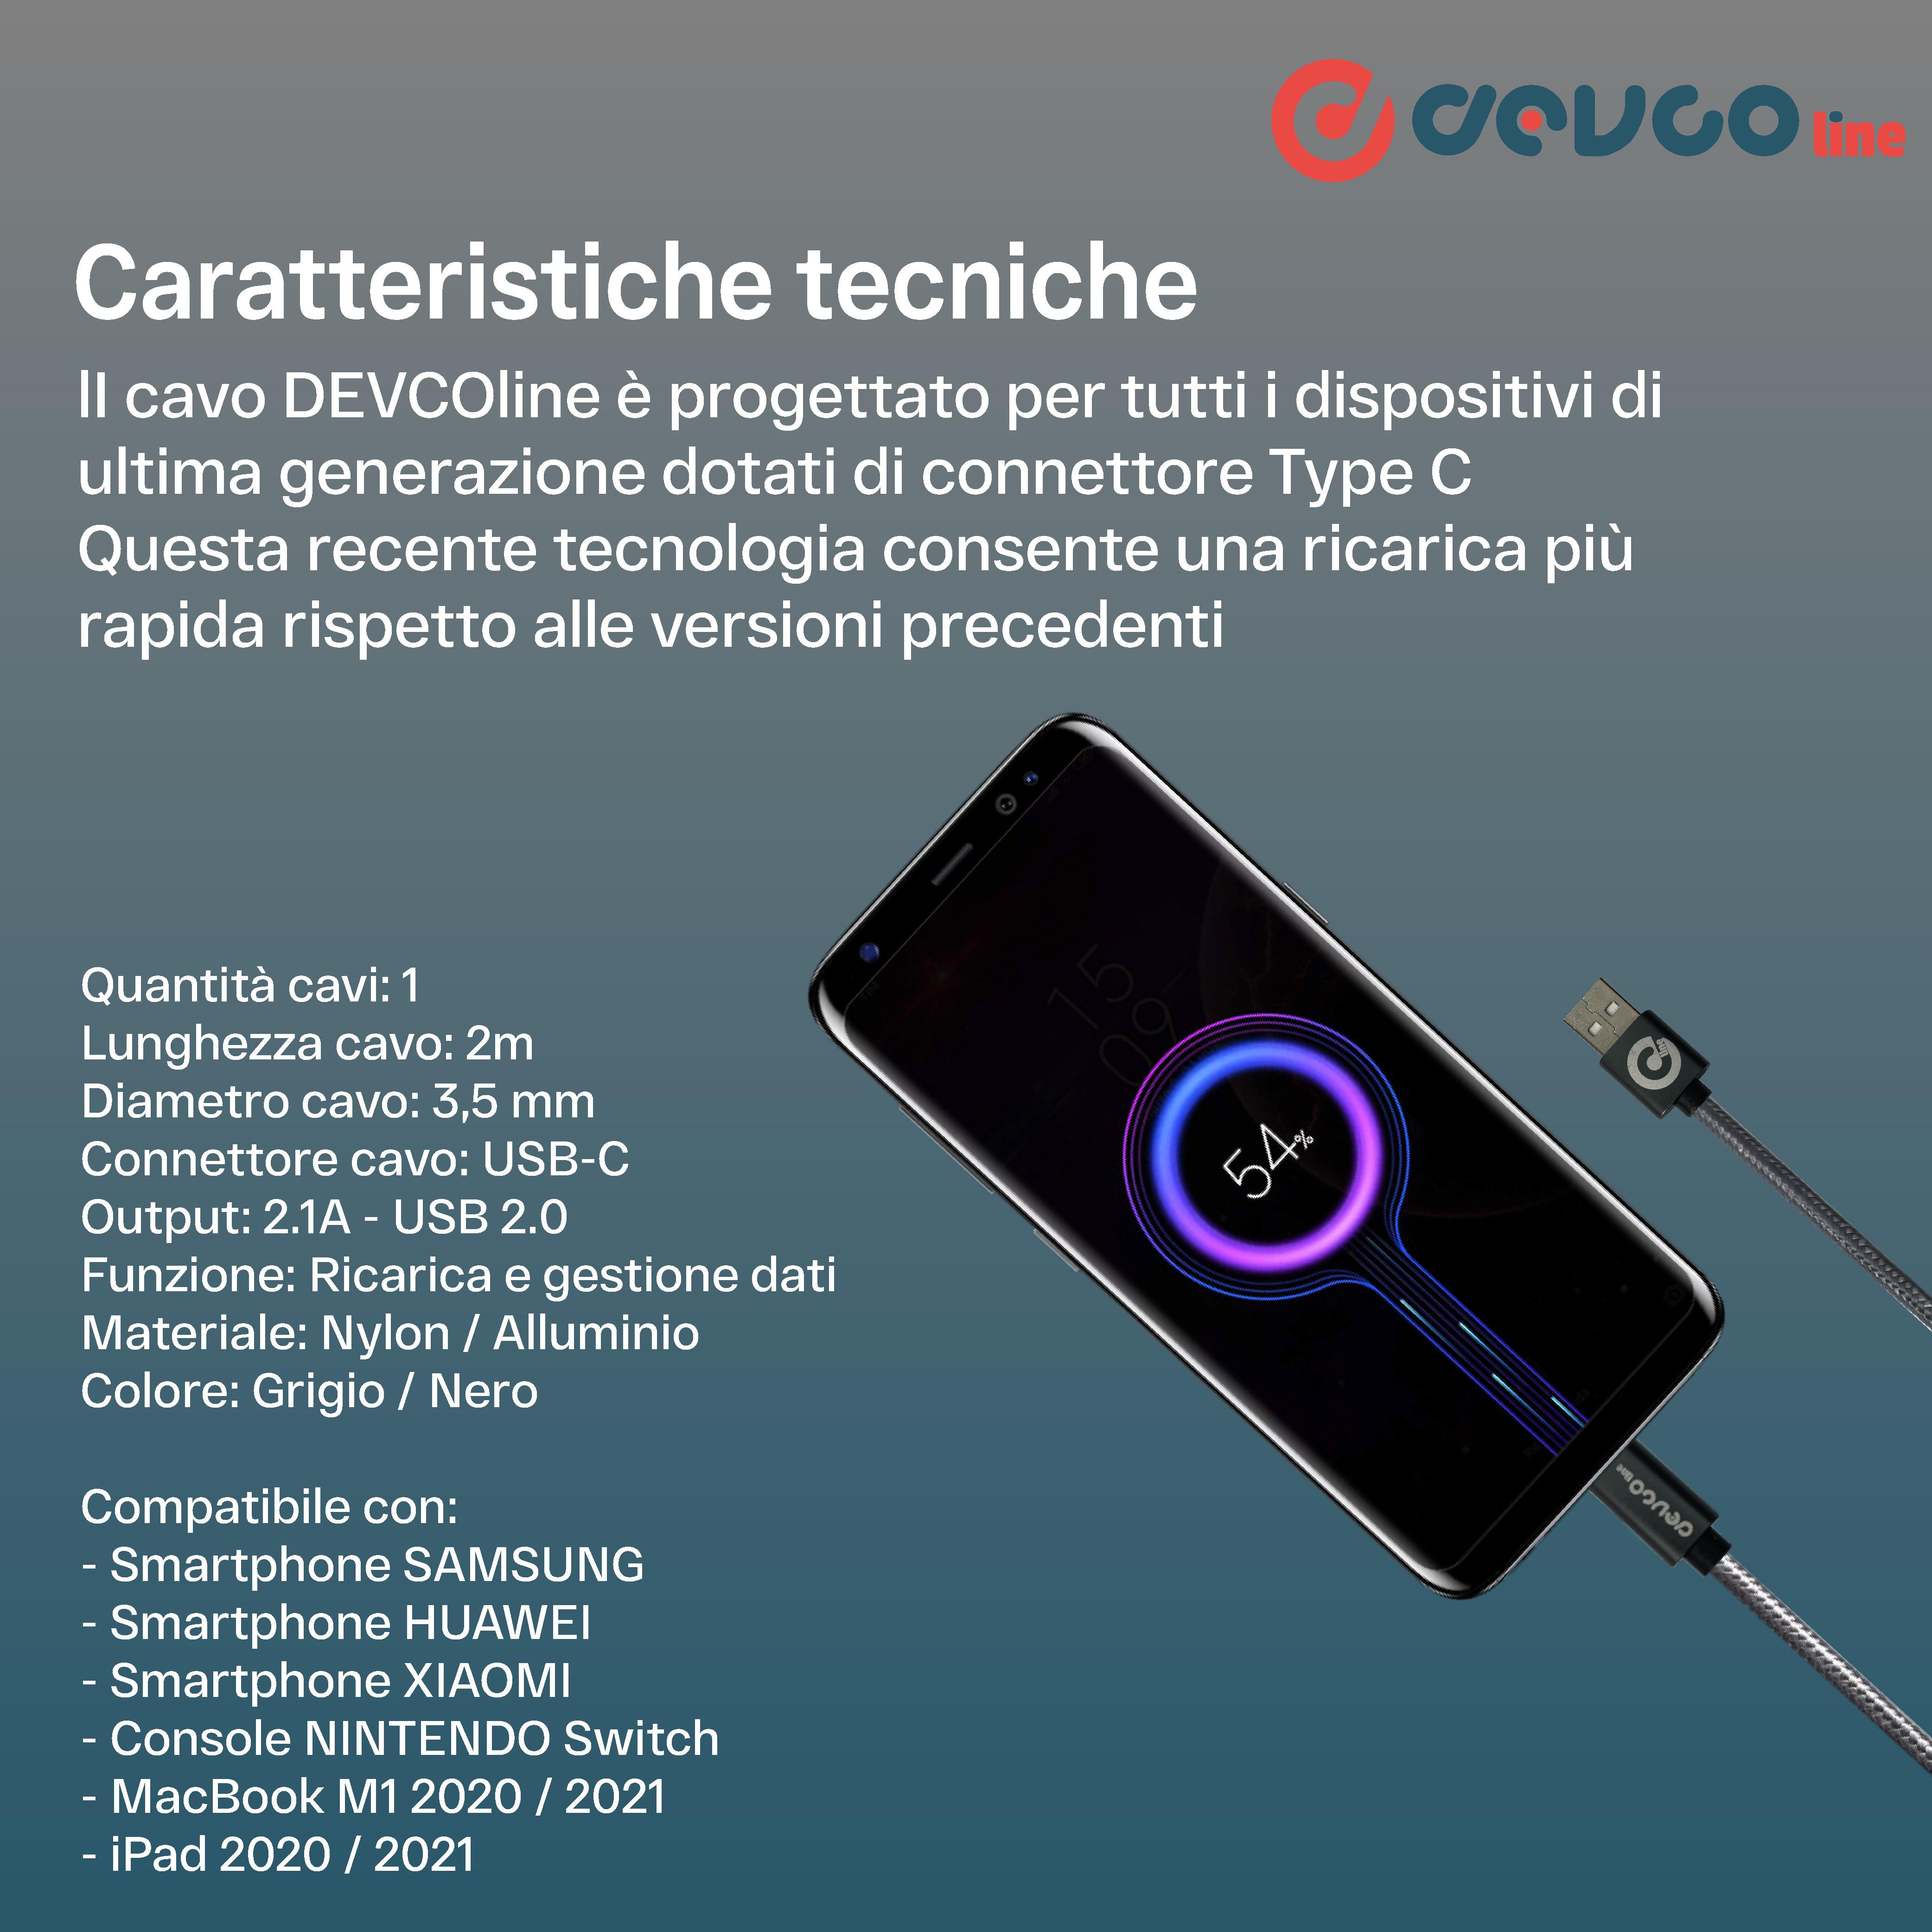 Cavo USB per Smartphone ricarica rapida cavo carica attacco USB-A / USB-C